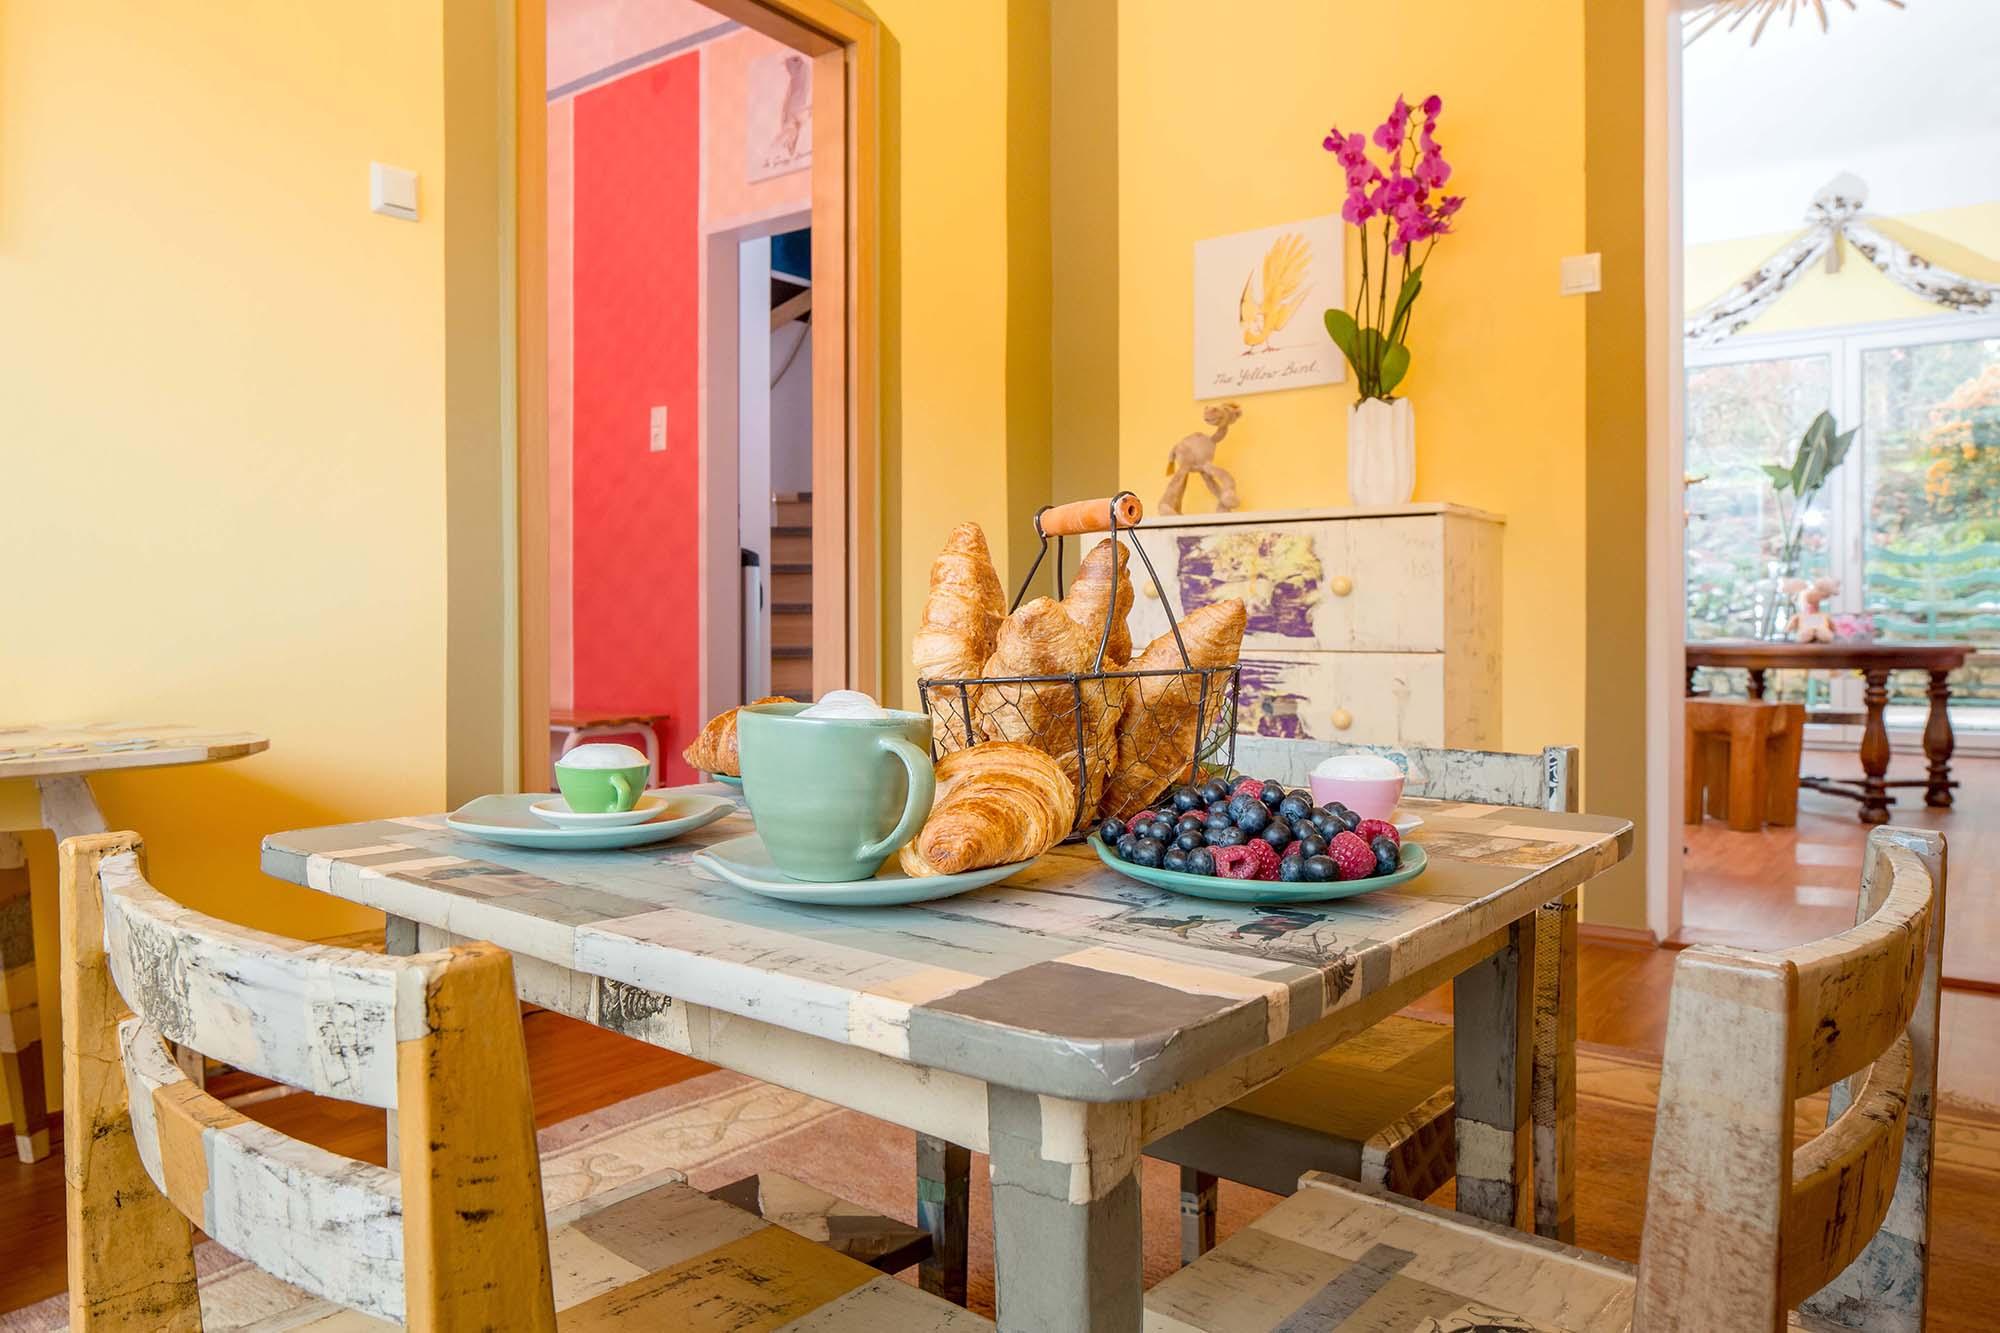 In hellen, sonnigen Tönen ausgemaltes, eingerichtetes Zimmer mit gedecktem Frühstückstisch.